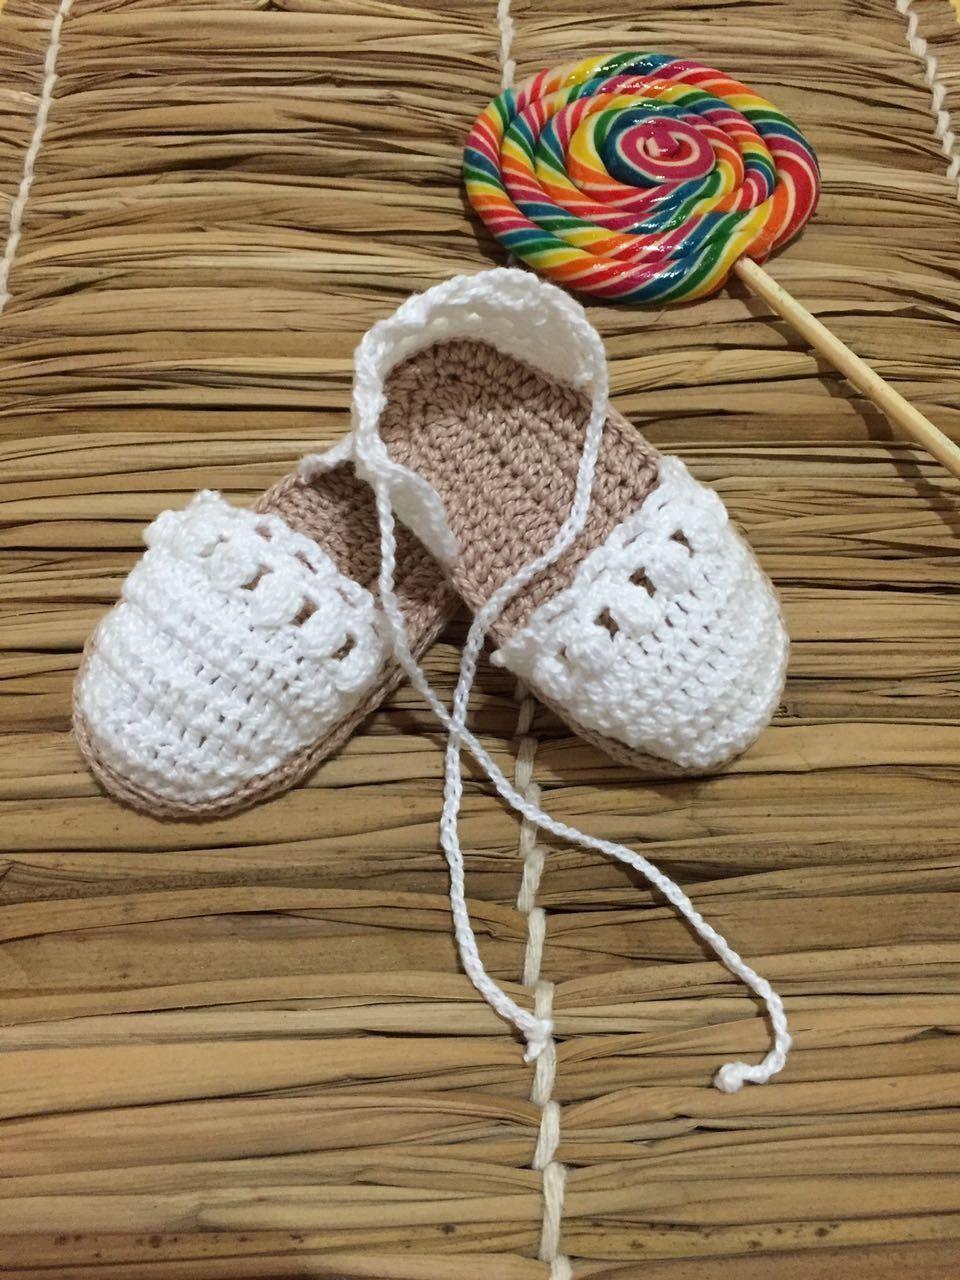 Alpargatas Vanessa - Pimentinha Crochê | Booties crochet and ...